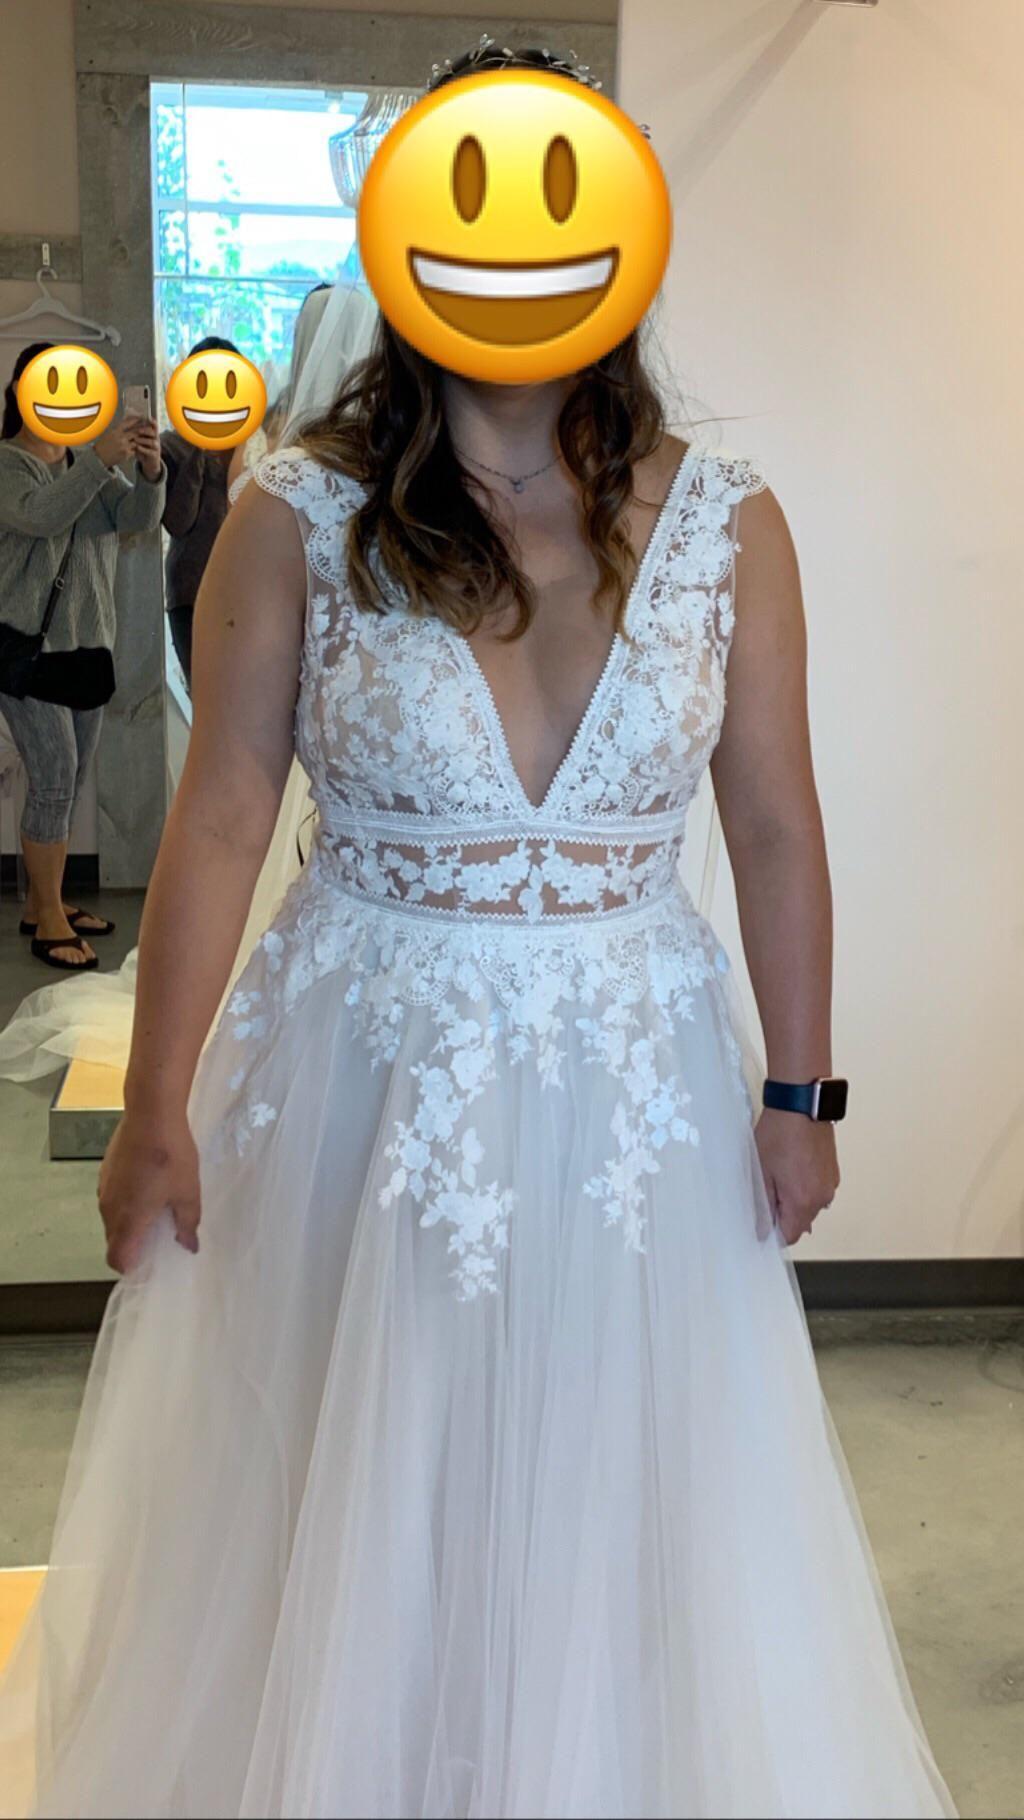 Bitte helfen Sie bei der Identifizierung Kleid - #haarschnitt kurz